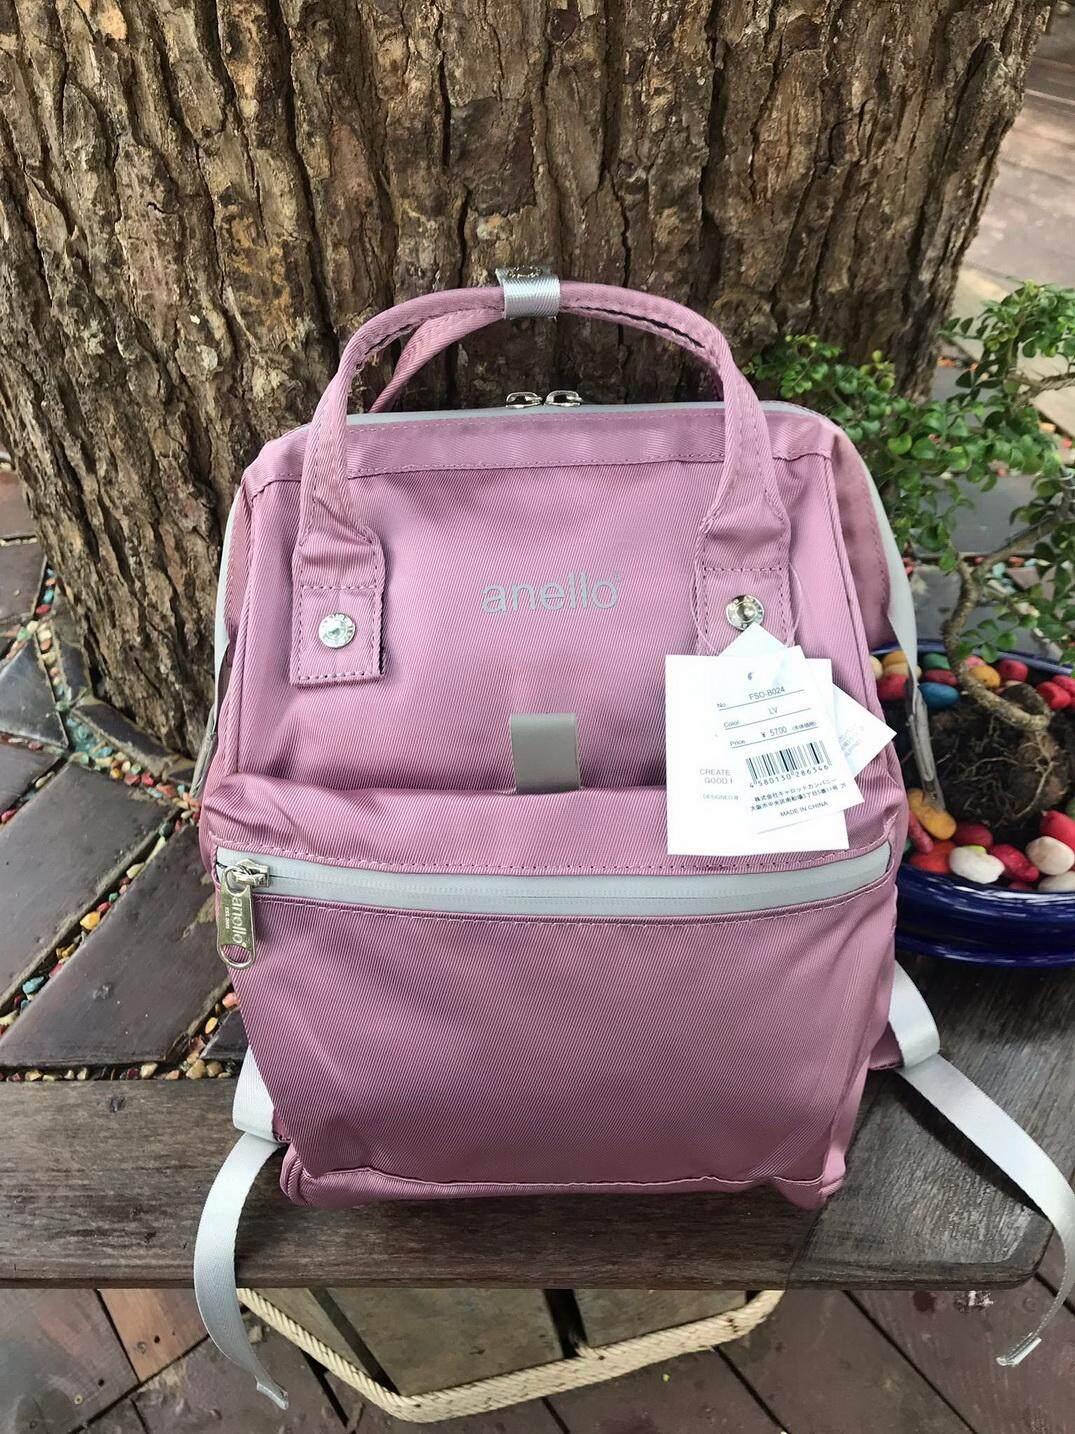 ยี่ห้อนี้ดีไหม  สมุทรปราการ Anello Repellency Mini Backpack รุ่นใหม่